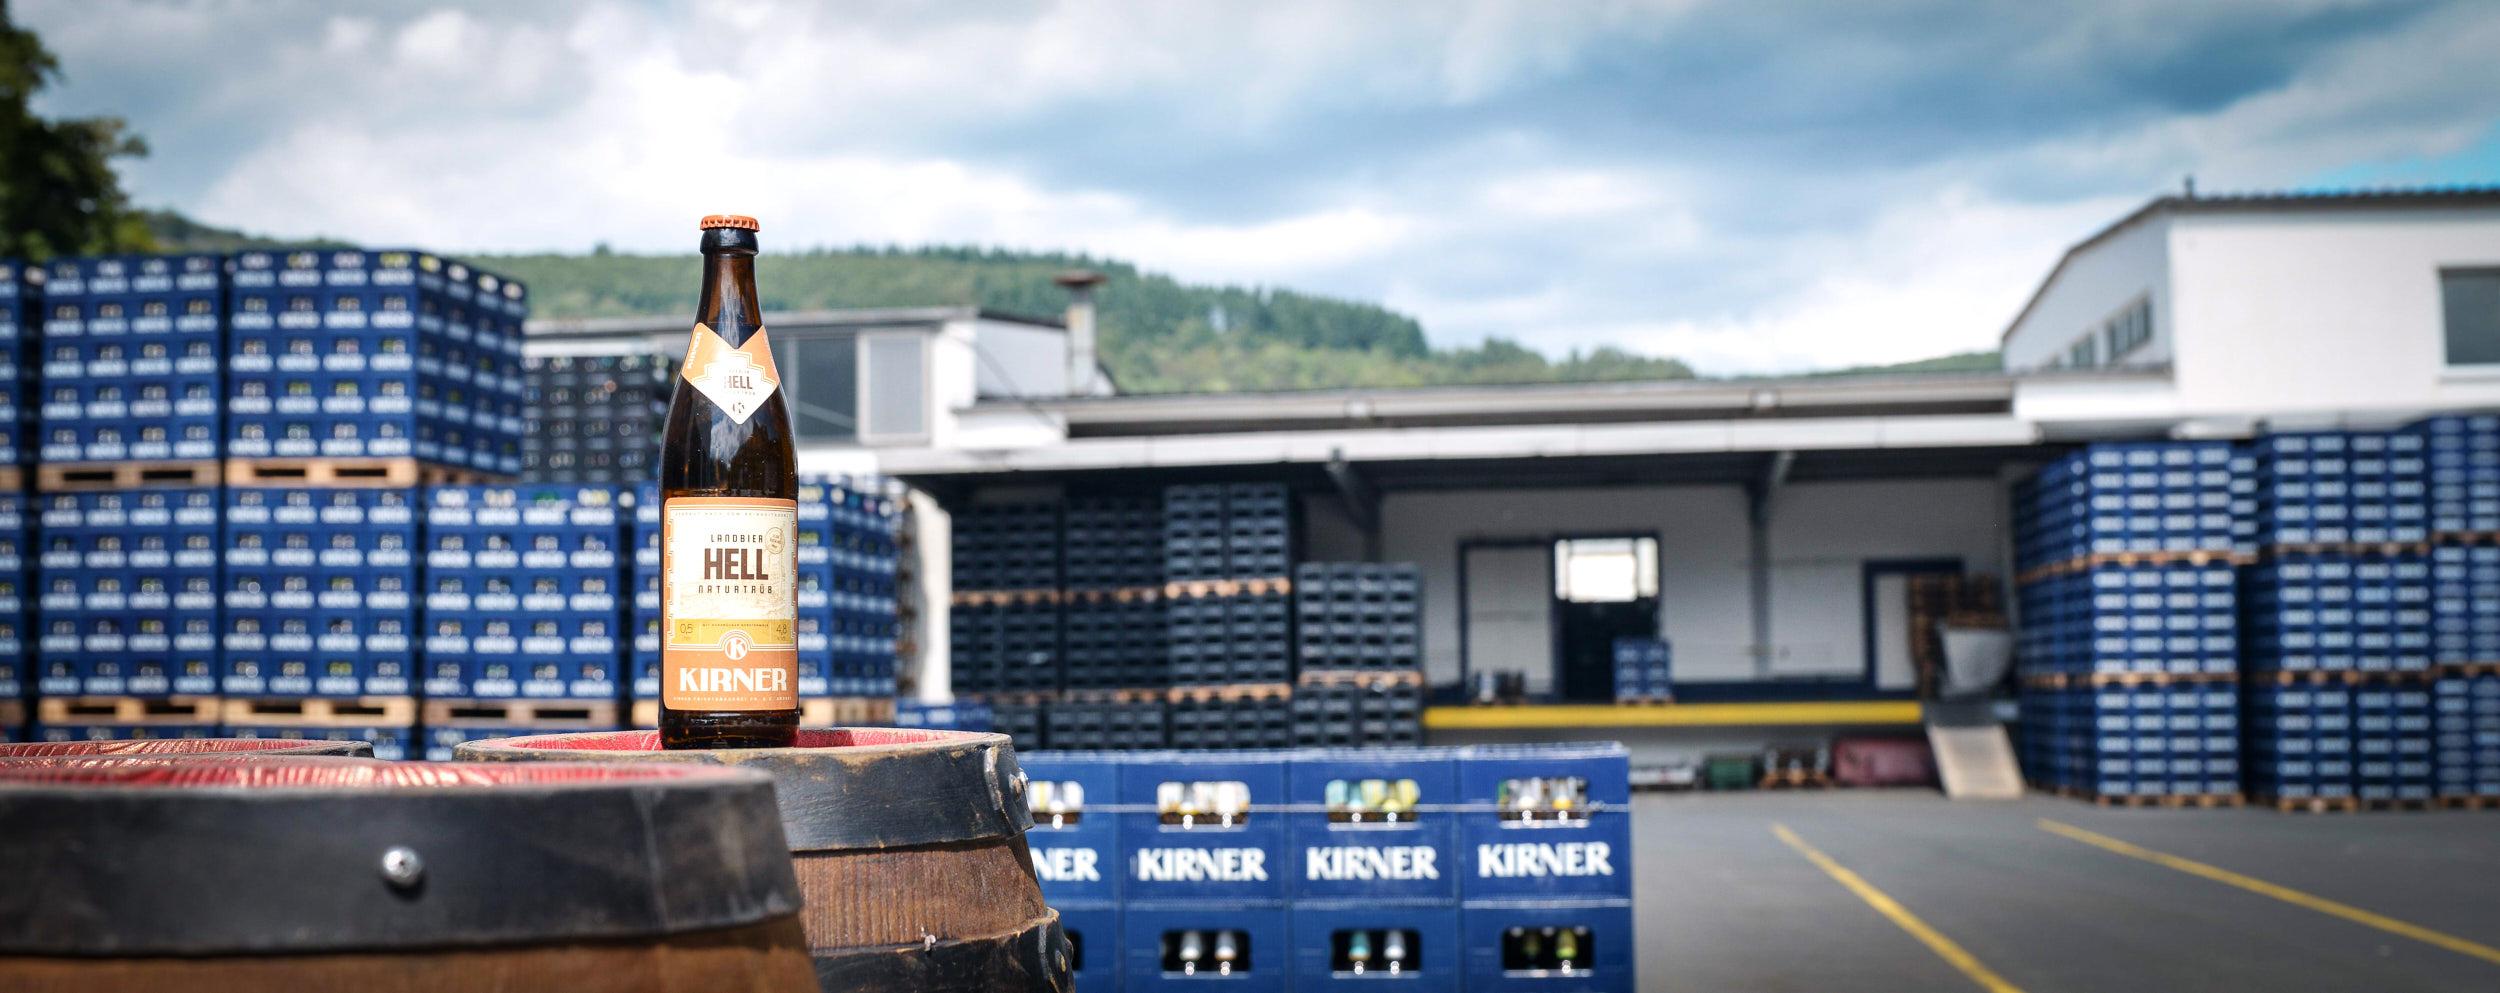 Unsere helle untergärige Bierspezialität enthält durch seine naturbelassene Herstellung alle wertvollen Inhaltsstoffe, die beim Brauen entstehen. Der malzig-süffige Charakter mit dezenter Hopfung entfaltet im Antrunk sein volles Aroma.